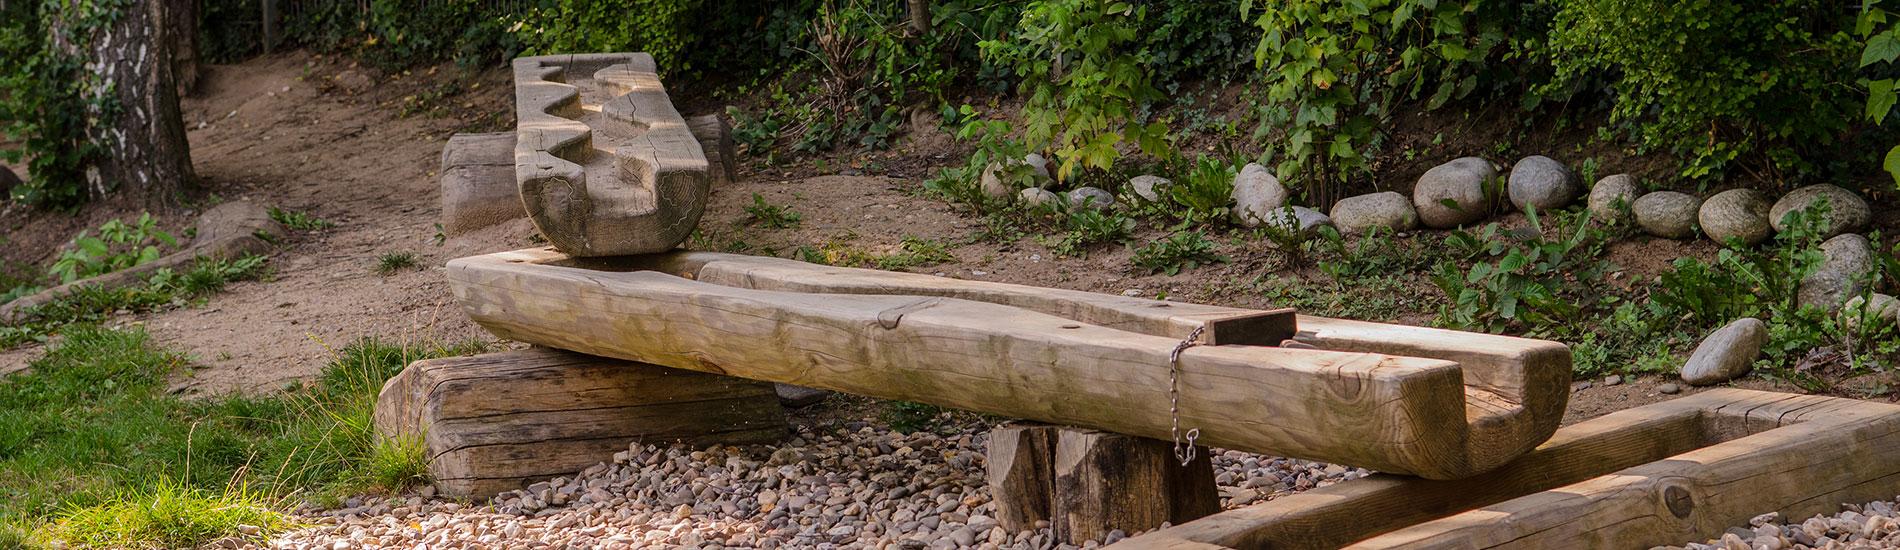 Carrusel Wasserbahn